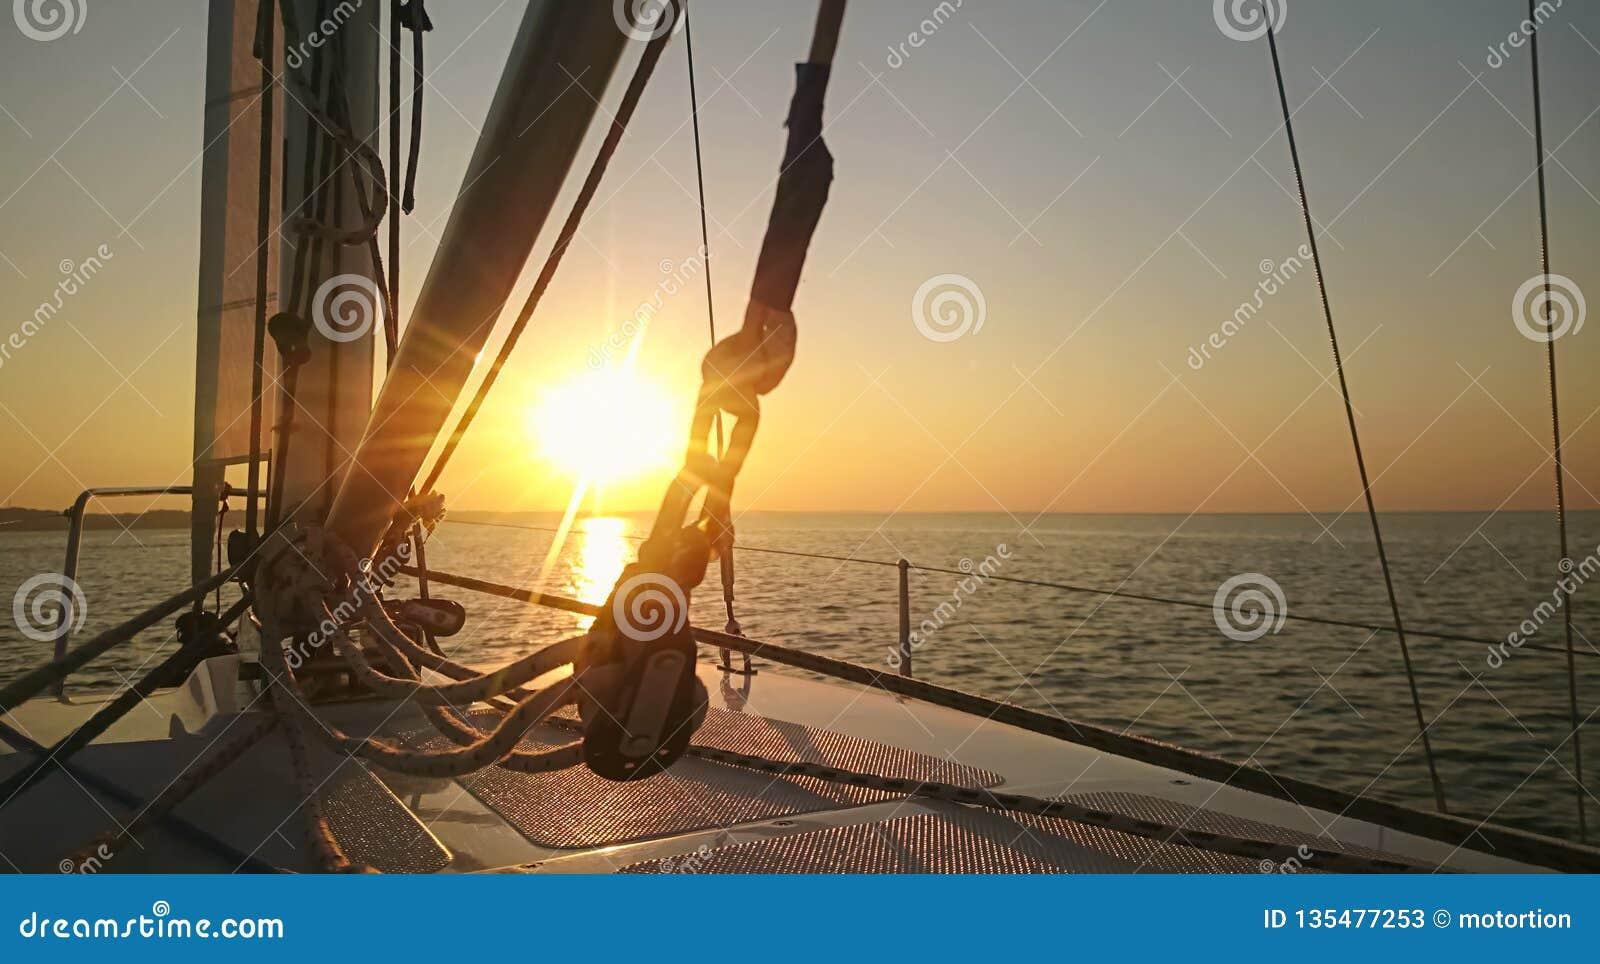 Breathtaking wschód słońca na horyzoncie, początek nowy dzień, nadzieje dla przyszłości, wyzwanie